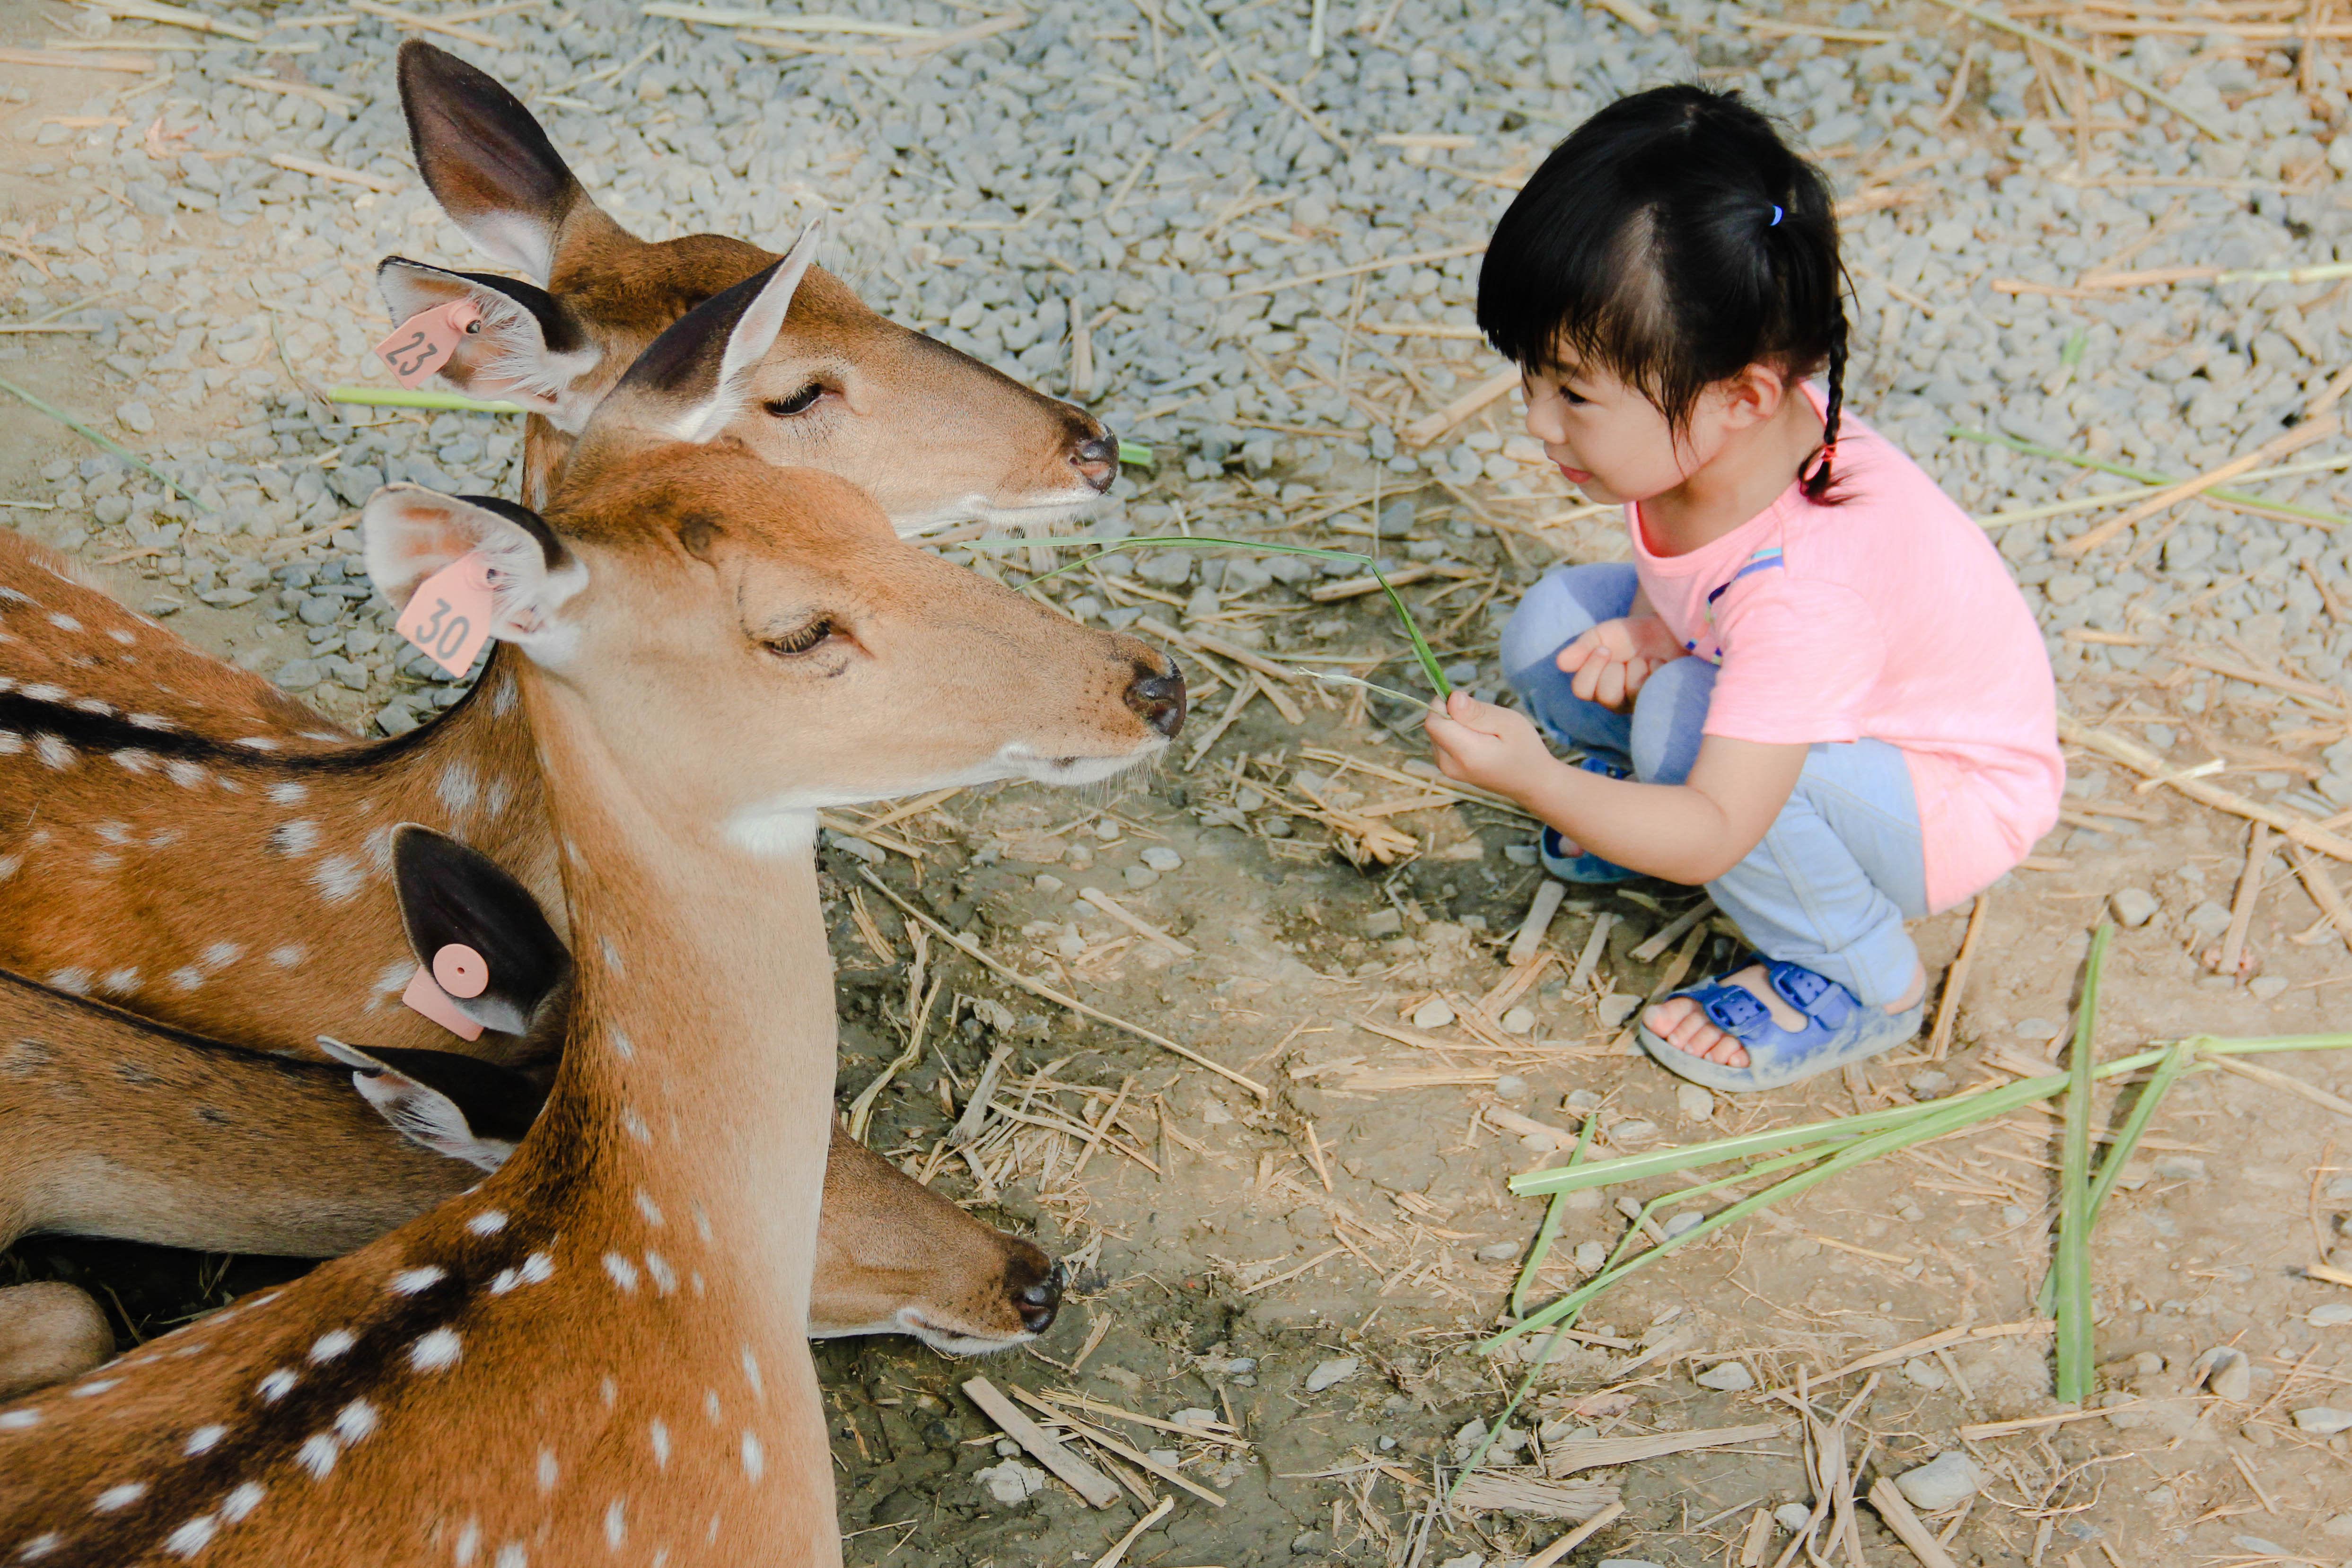 適合帶小朋友前來與鹿兒相處